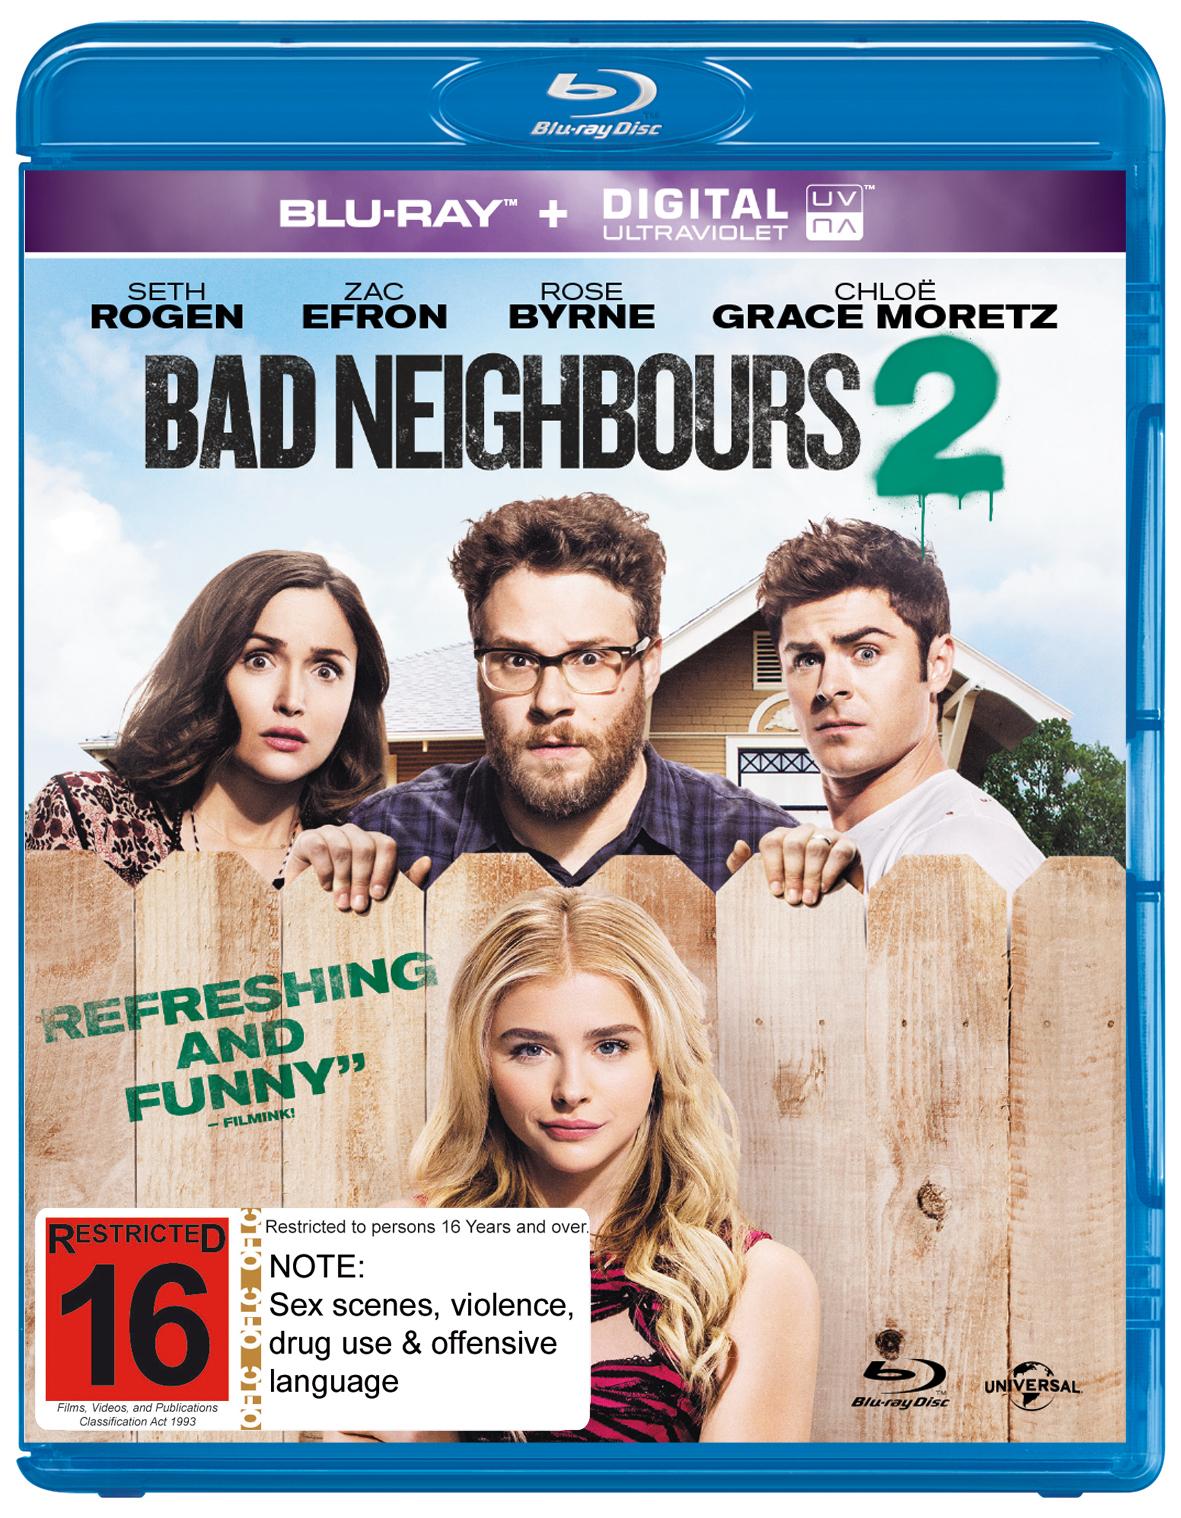 Bad Neighbours 2 on Blu-ray image